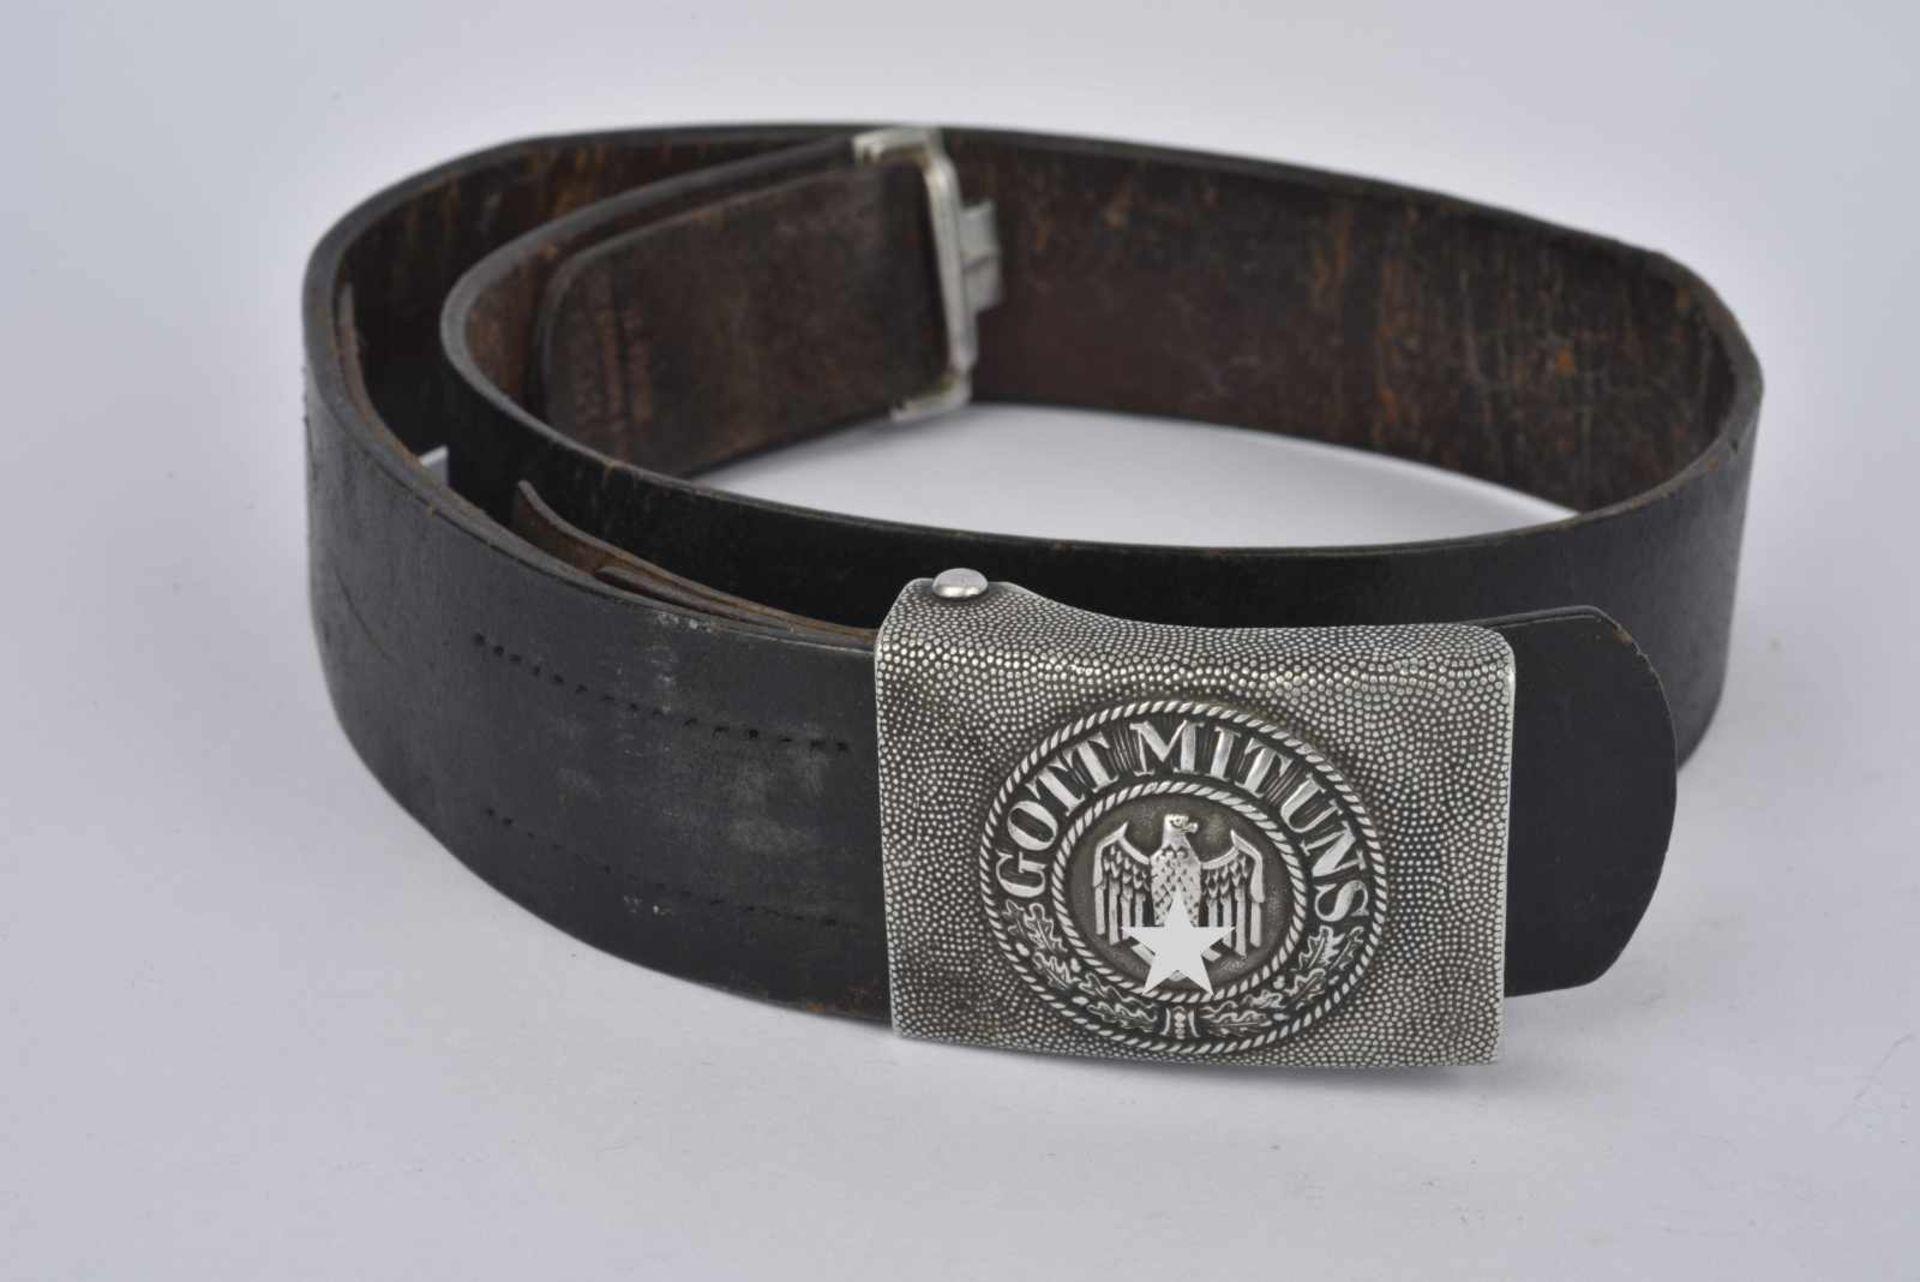 Ceinturon de la Heer en cuir noir, marqué et daté 1939. Boucle de ceinturon en métal grenelé,